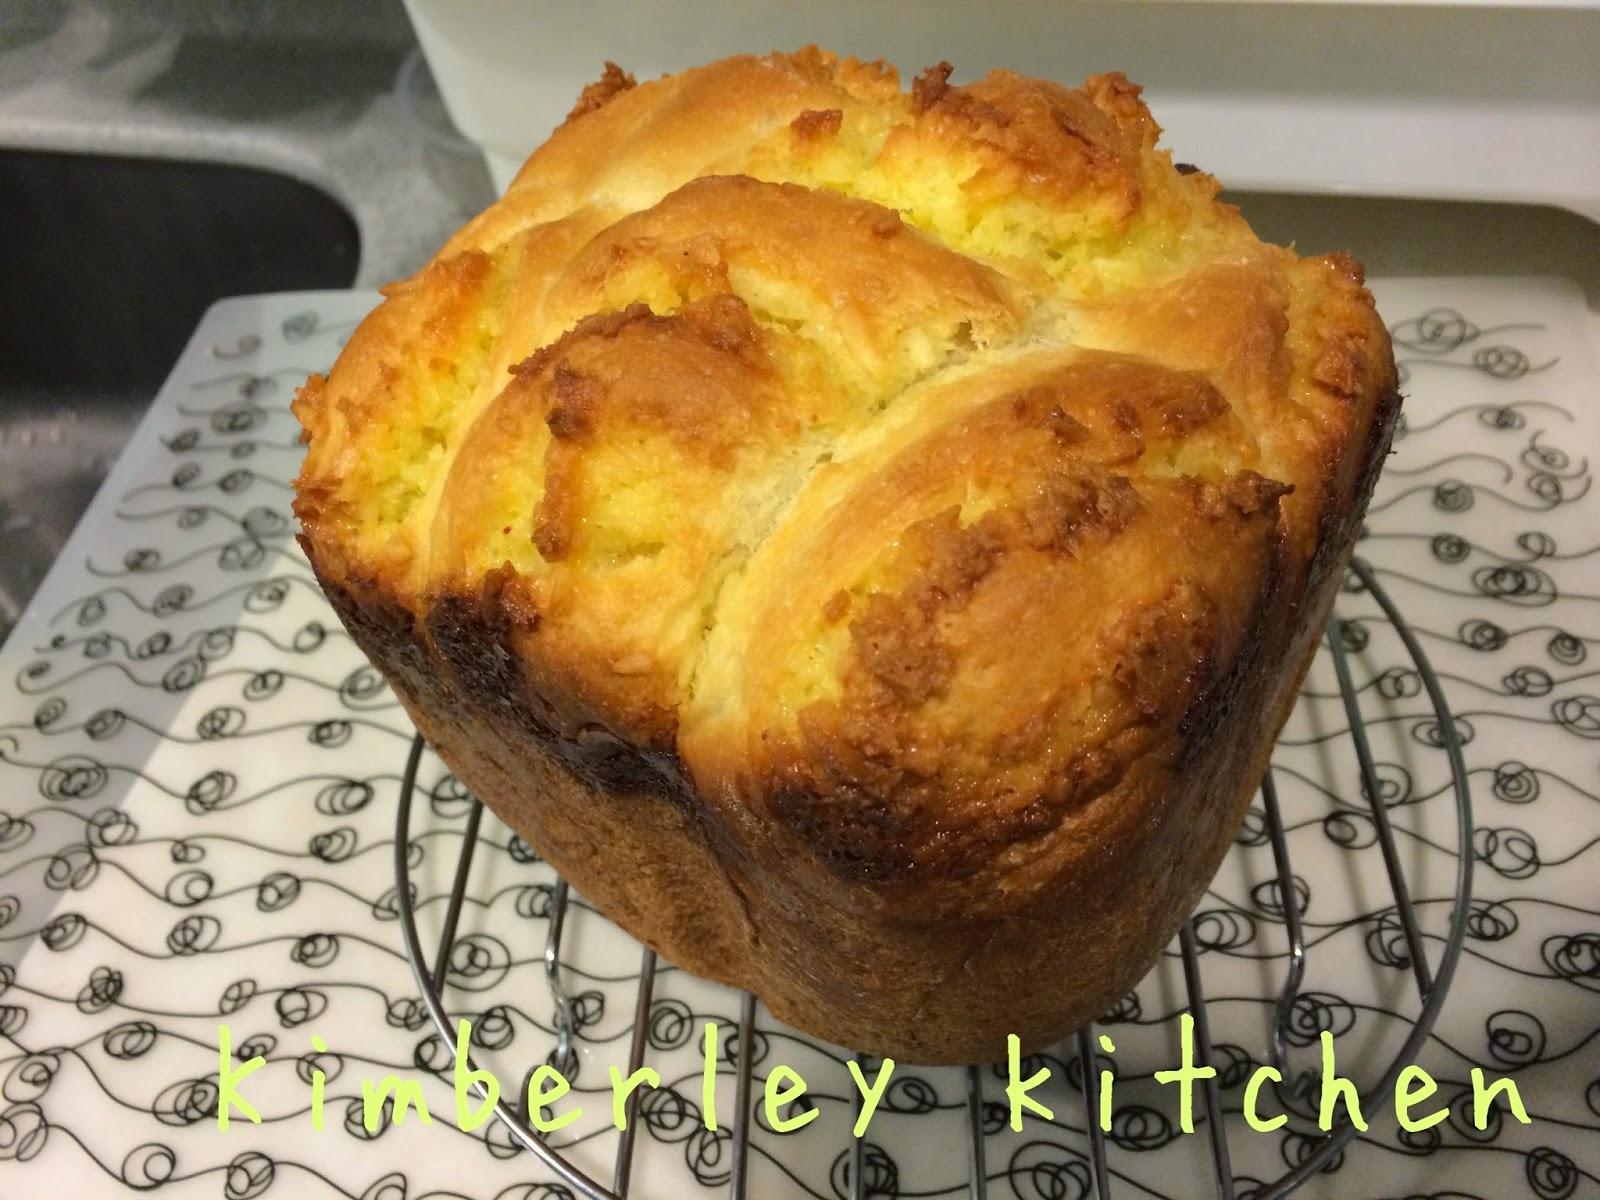 麵包機成品 - 椰賓 (附食譜)